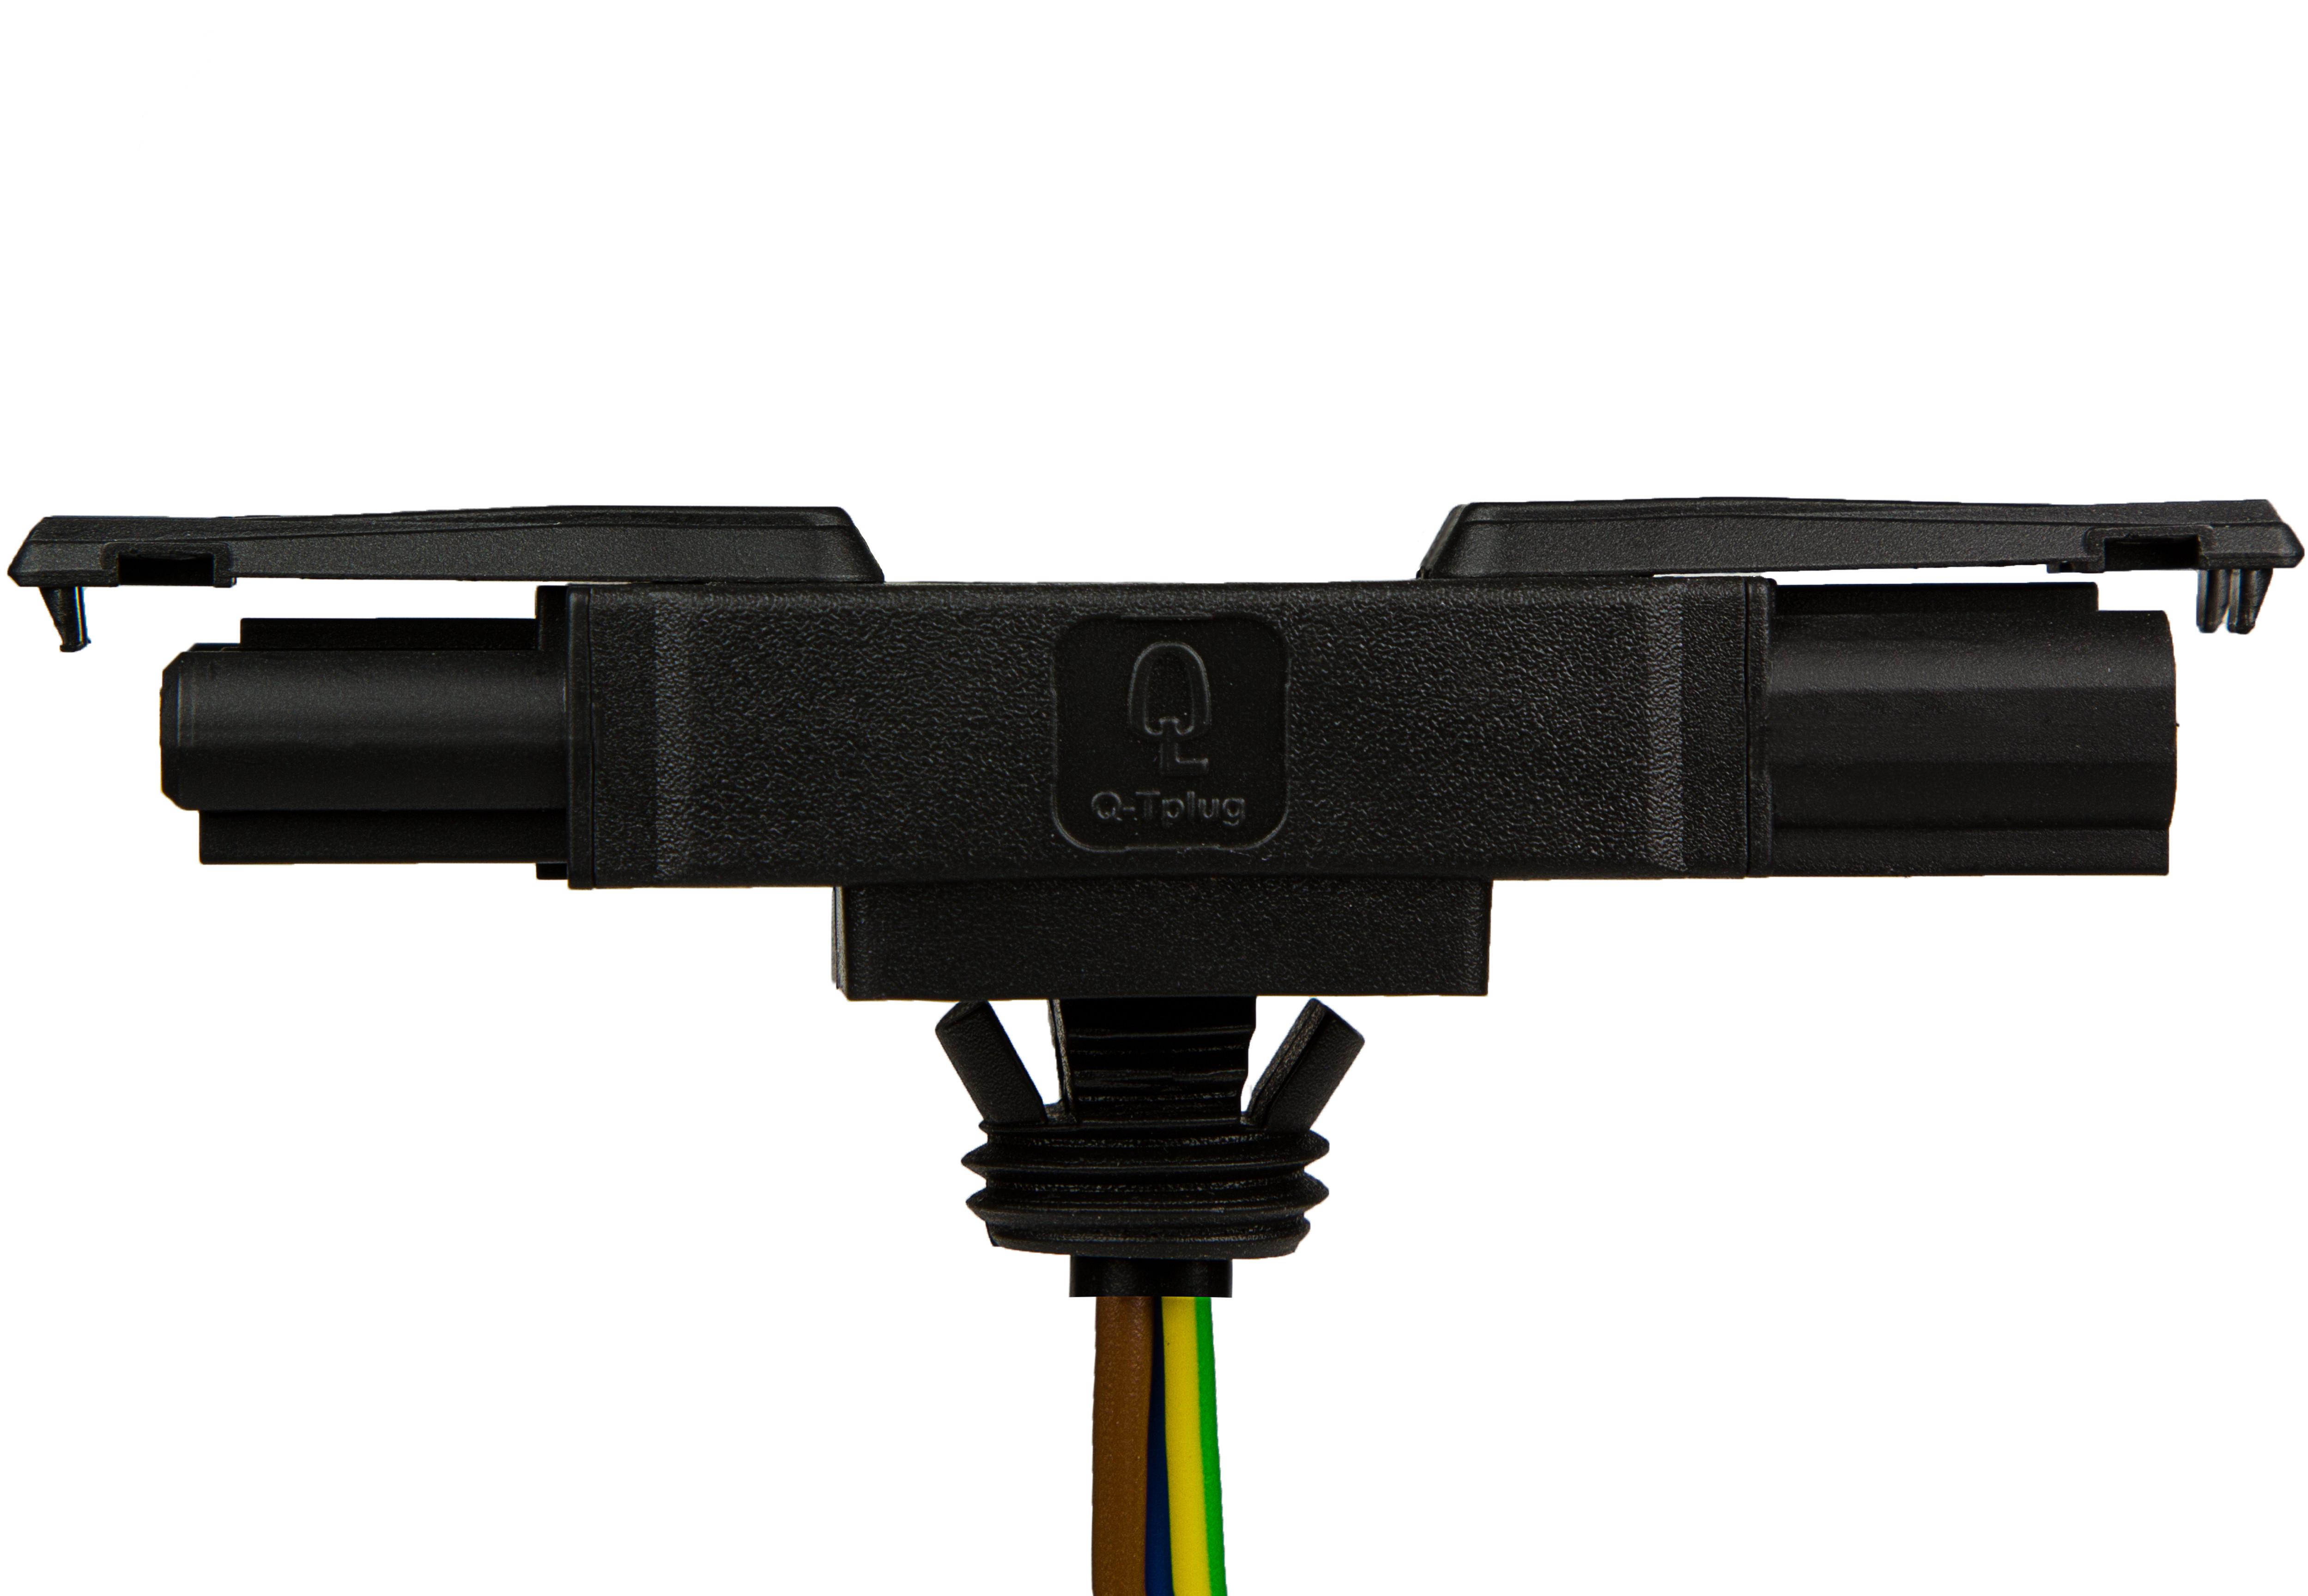 Q-Tplugs